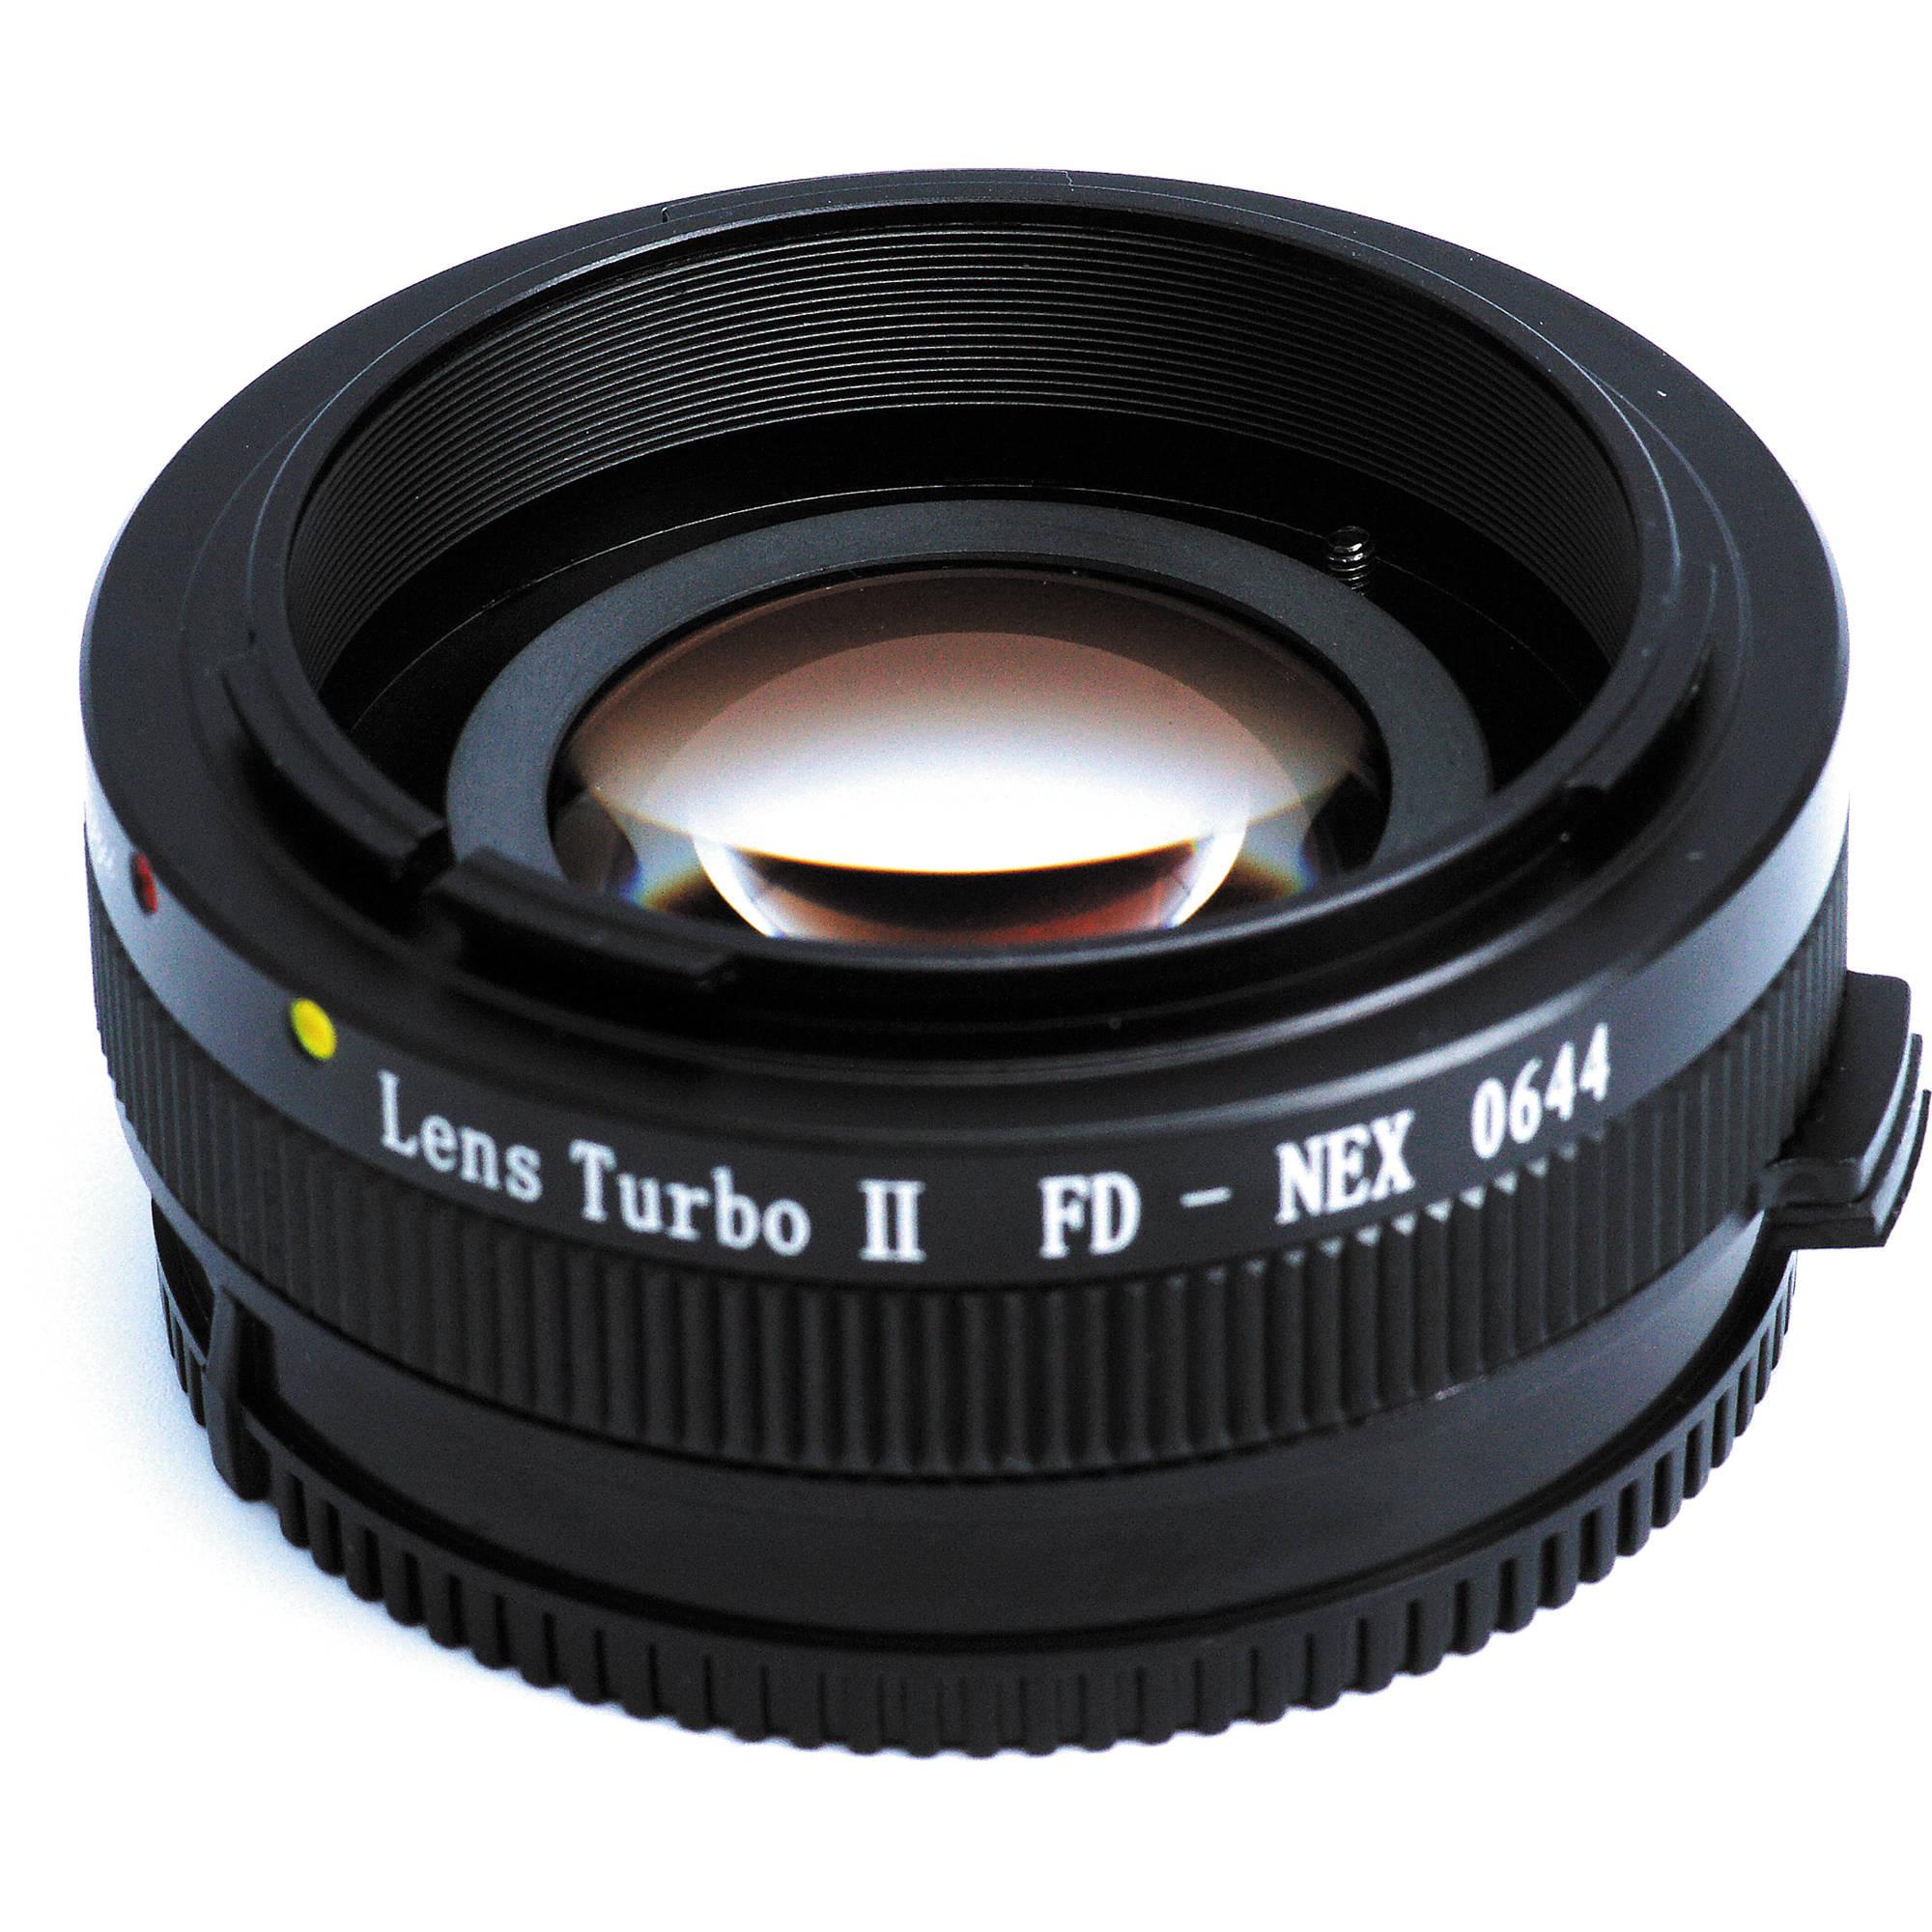 Mitakon Zhongyi Canon FD Lens to Sony E-Mount Camera Lens Turbo Adapter  Mark II